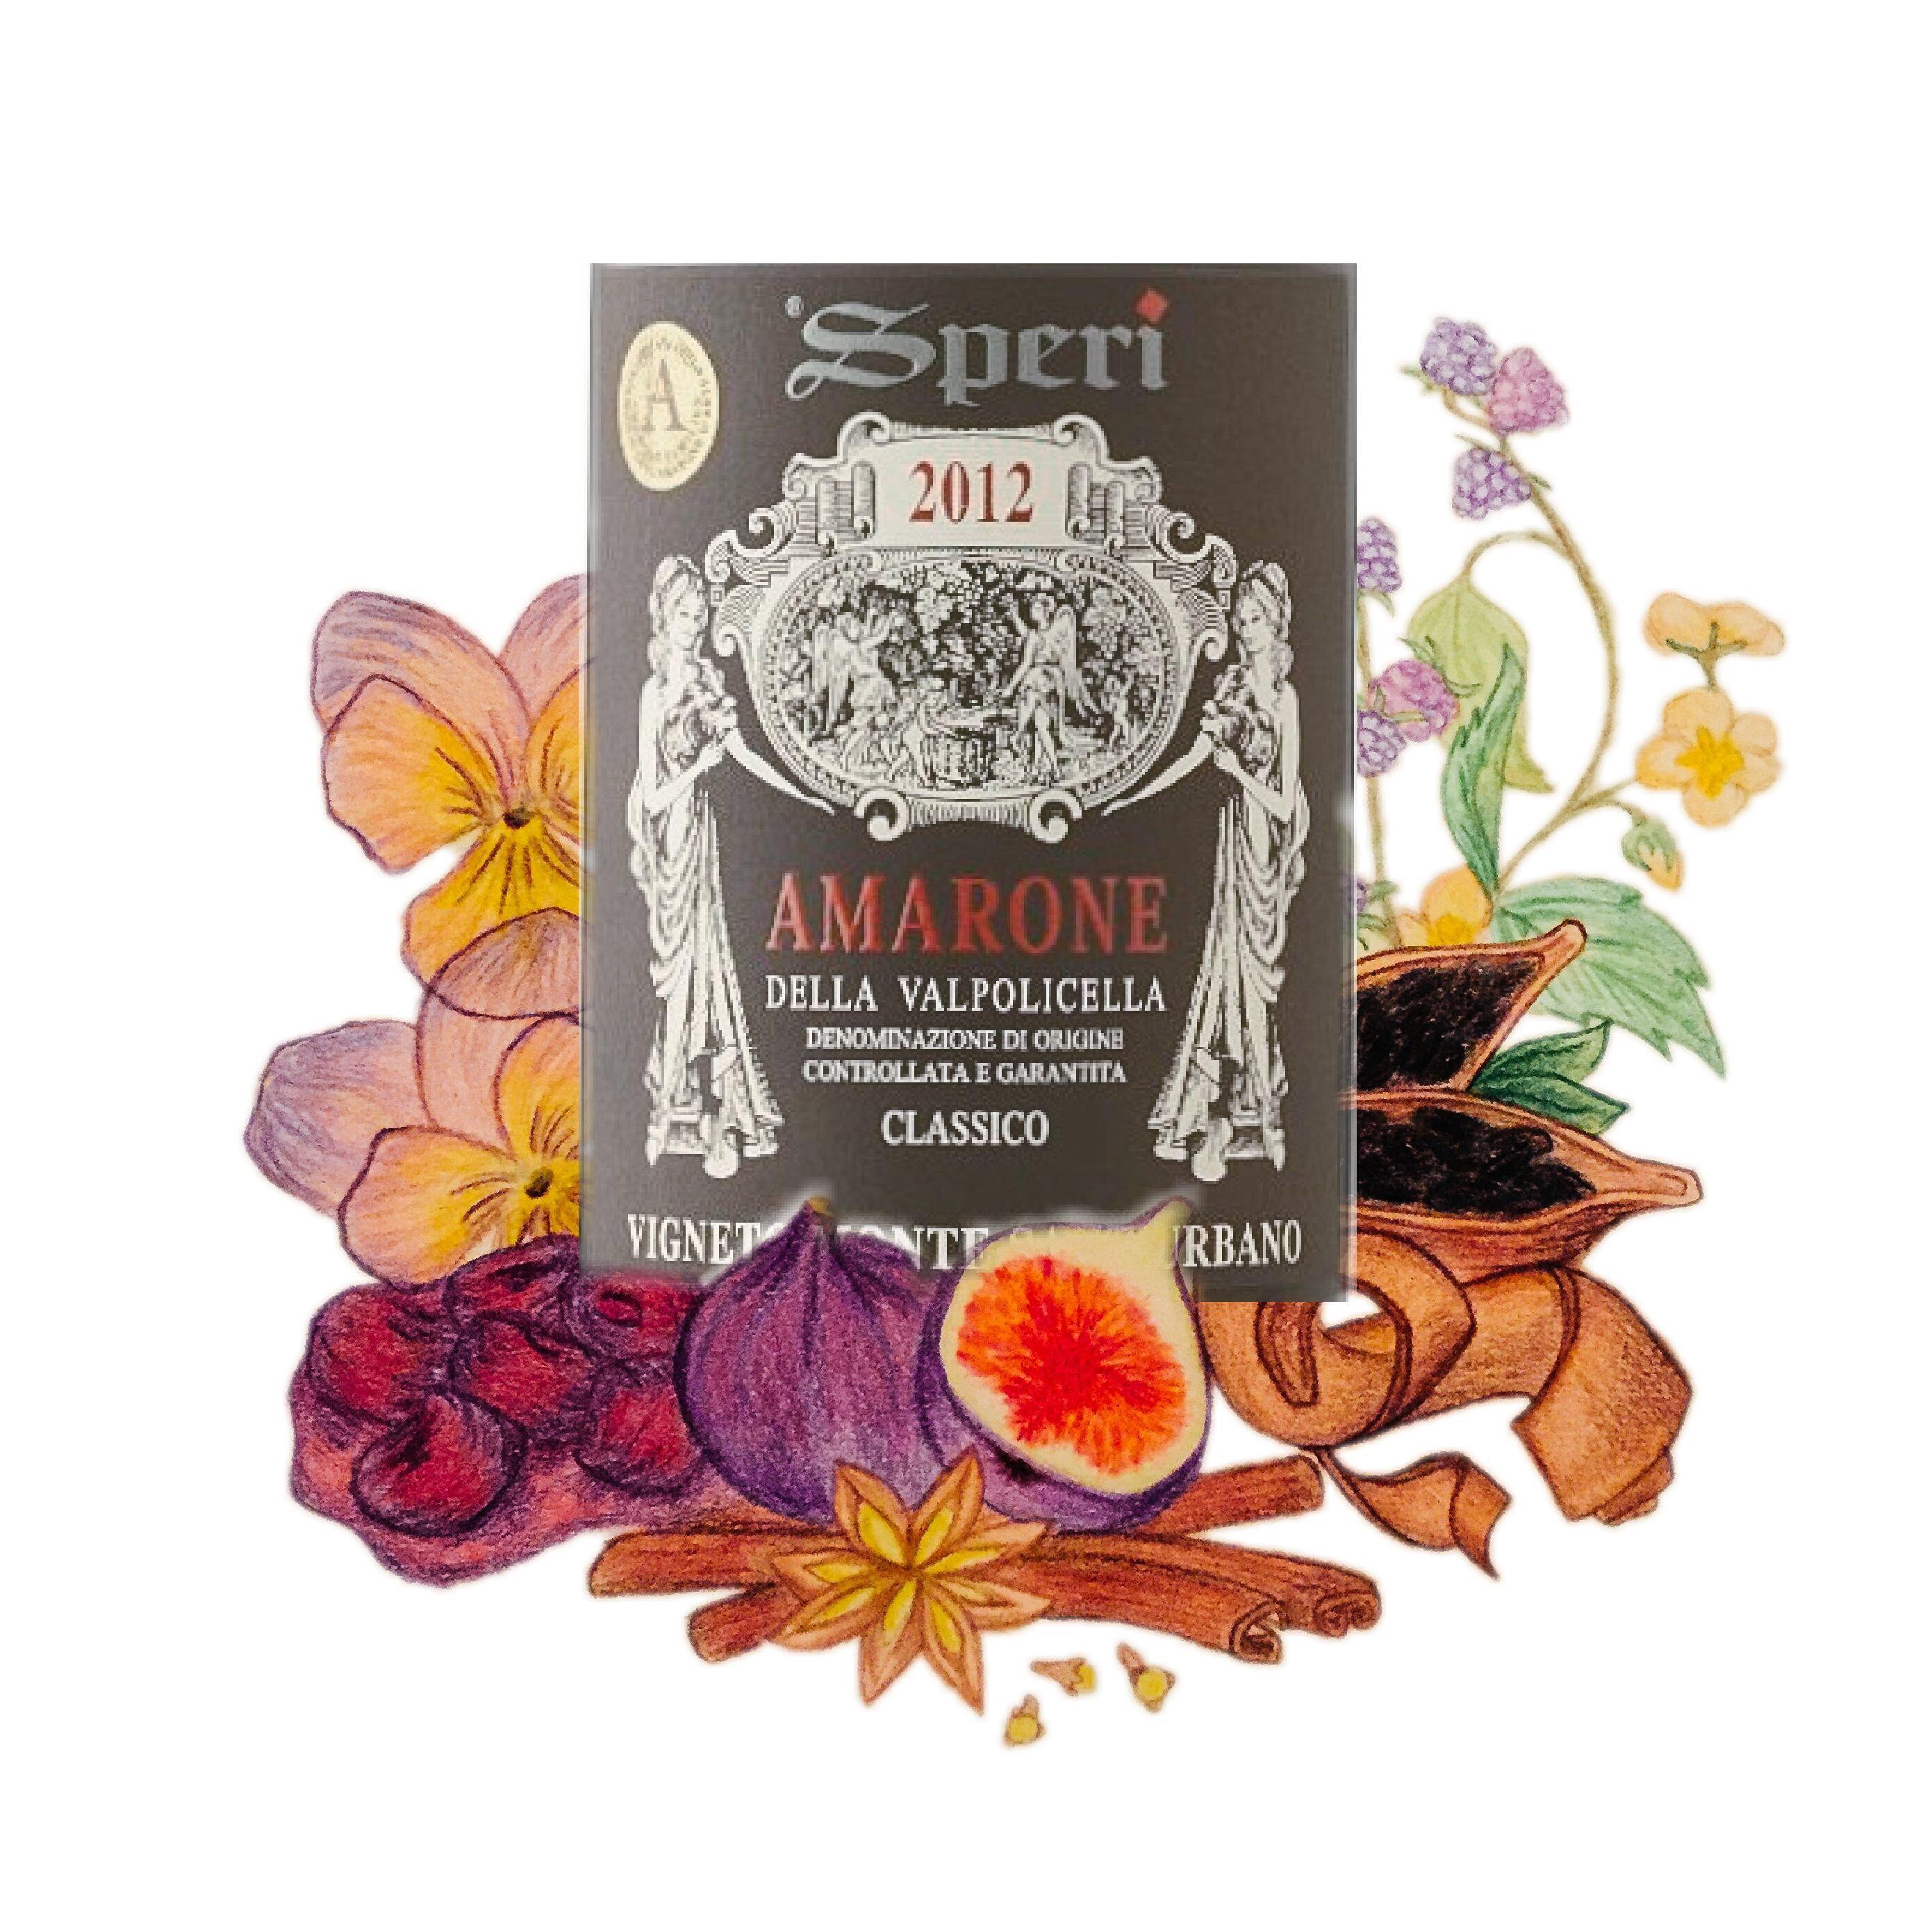 Speri Amarone Vignetti Sant'Urbano 2012 illustration and wine label